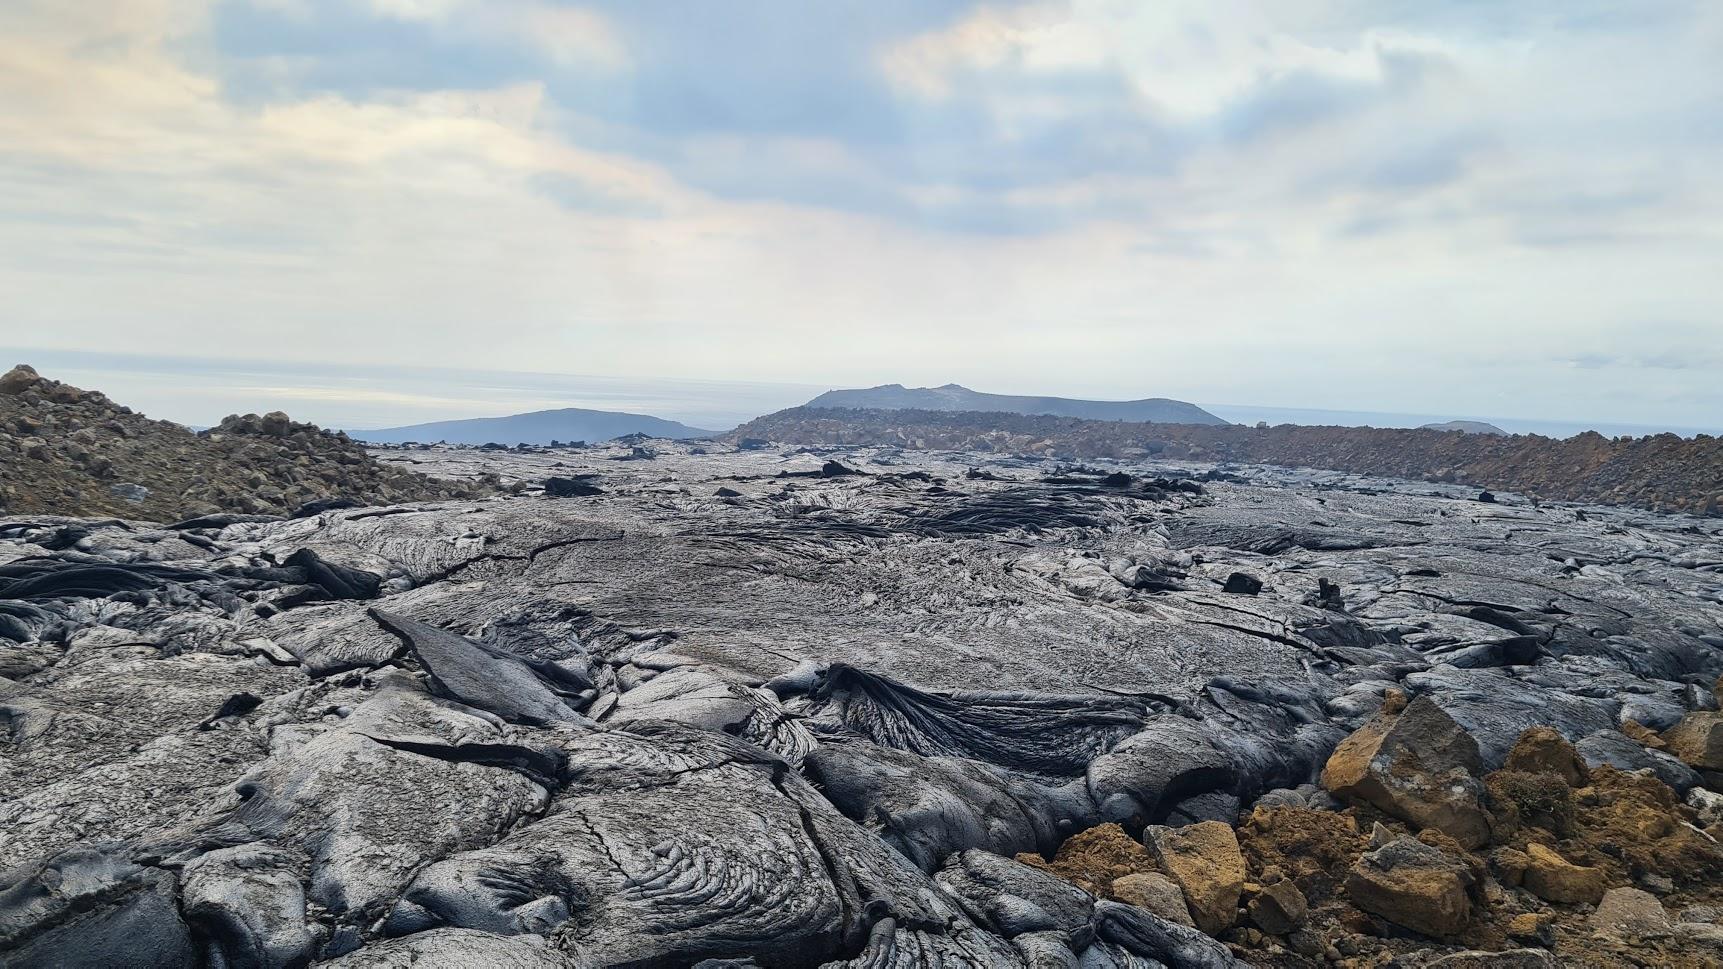 Lava field in Reykjanes. Image: Björn Oddsson.